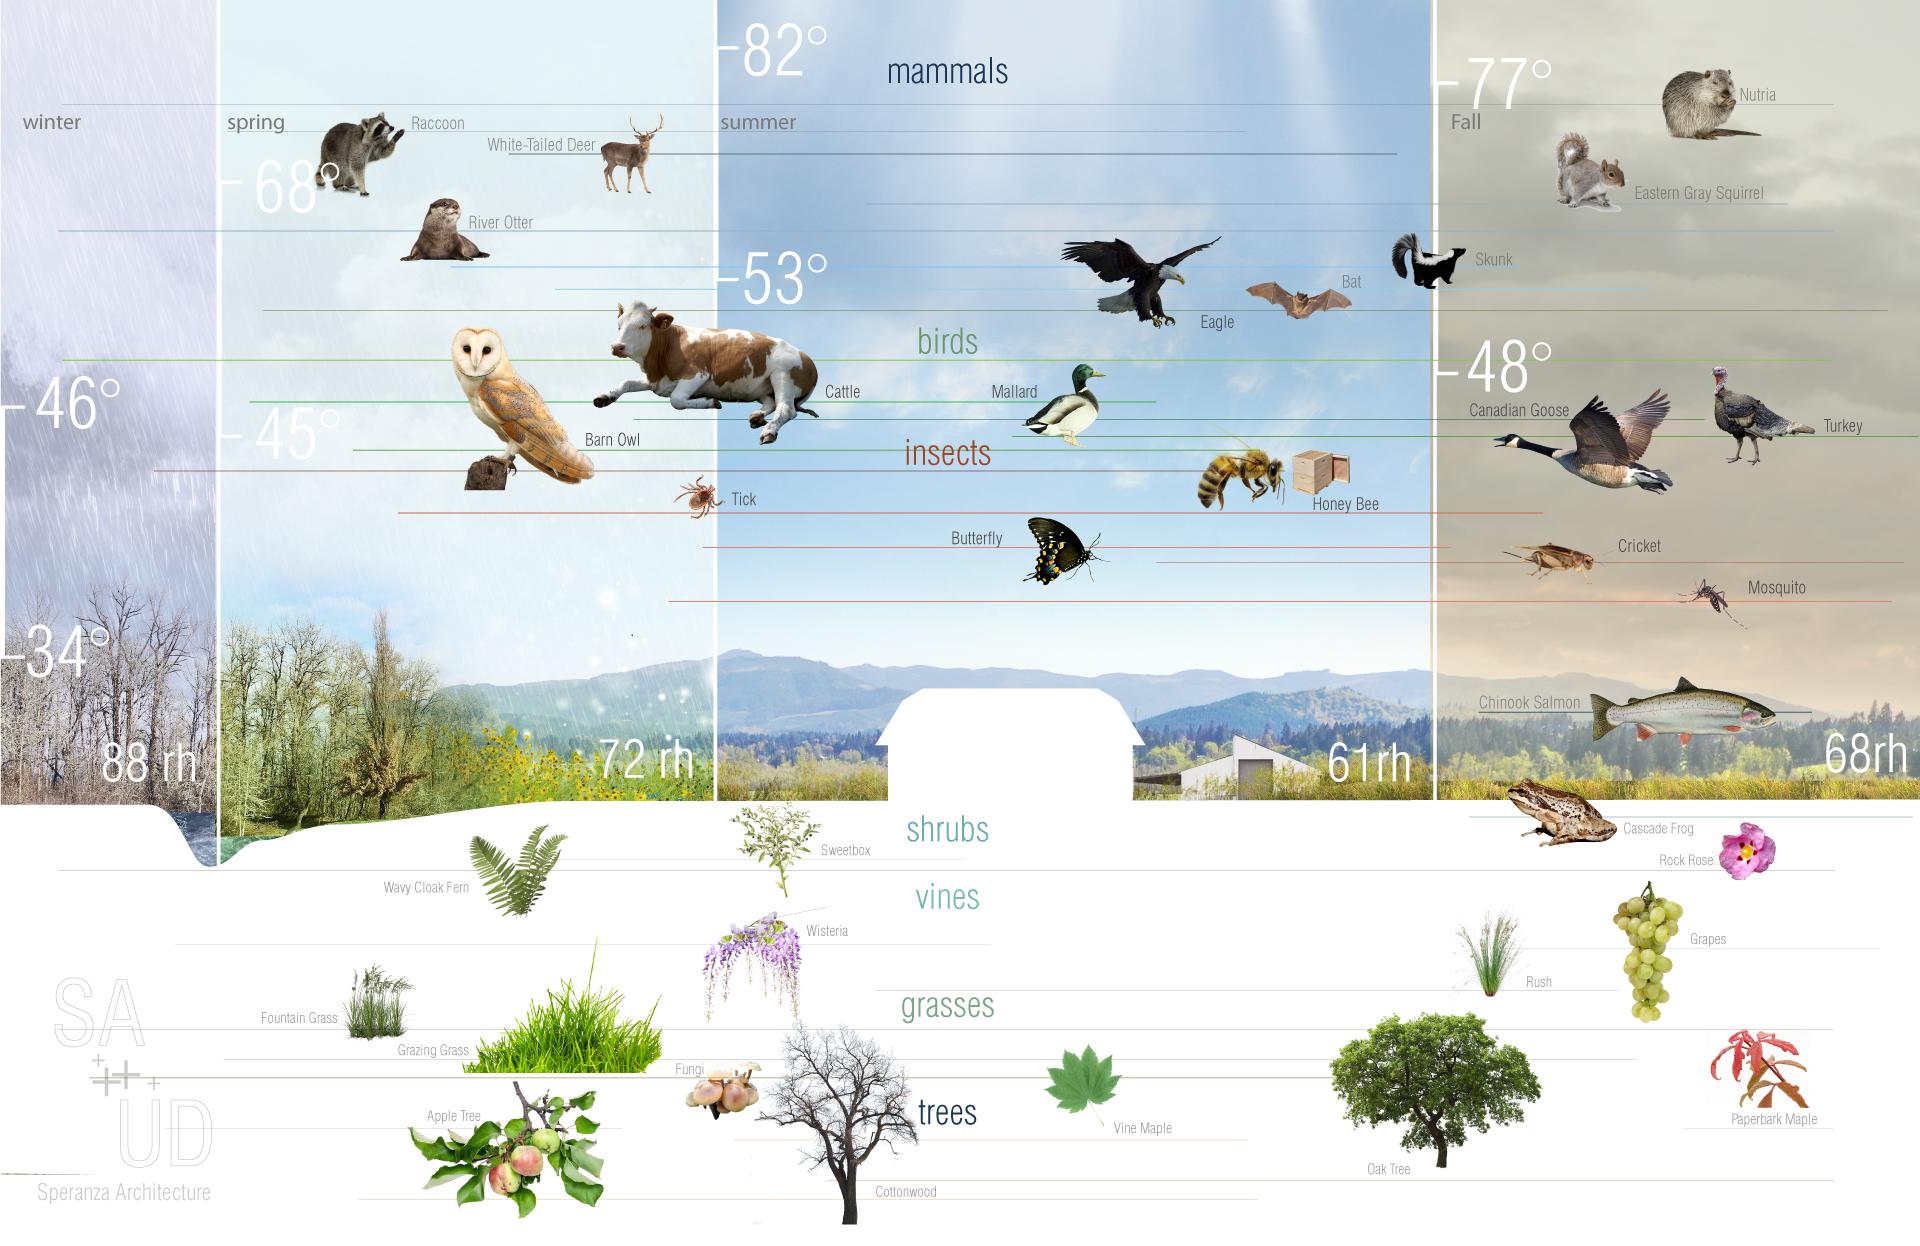 web-KeseyFarm-ecology.jpg